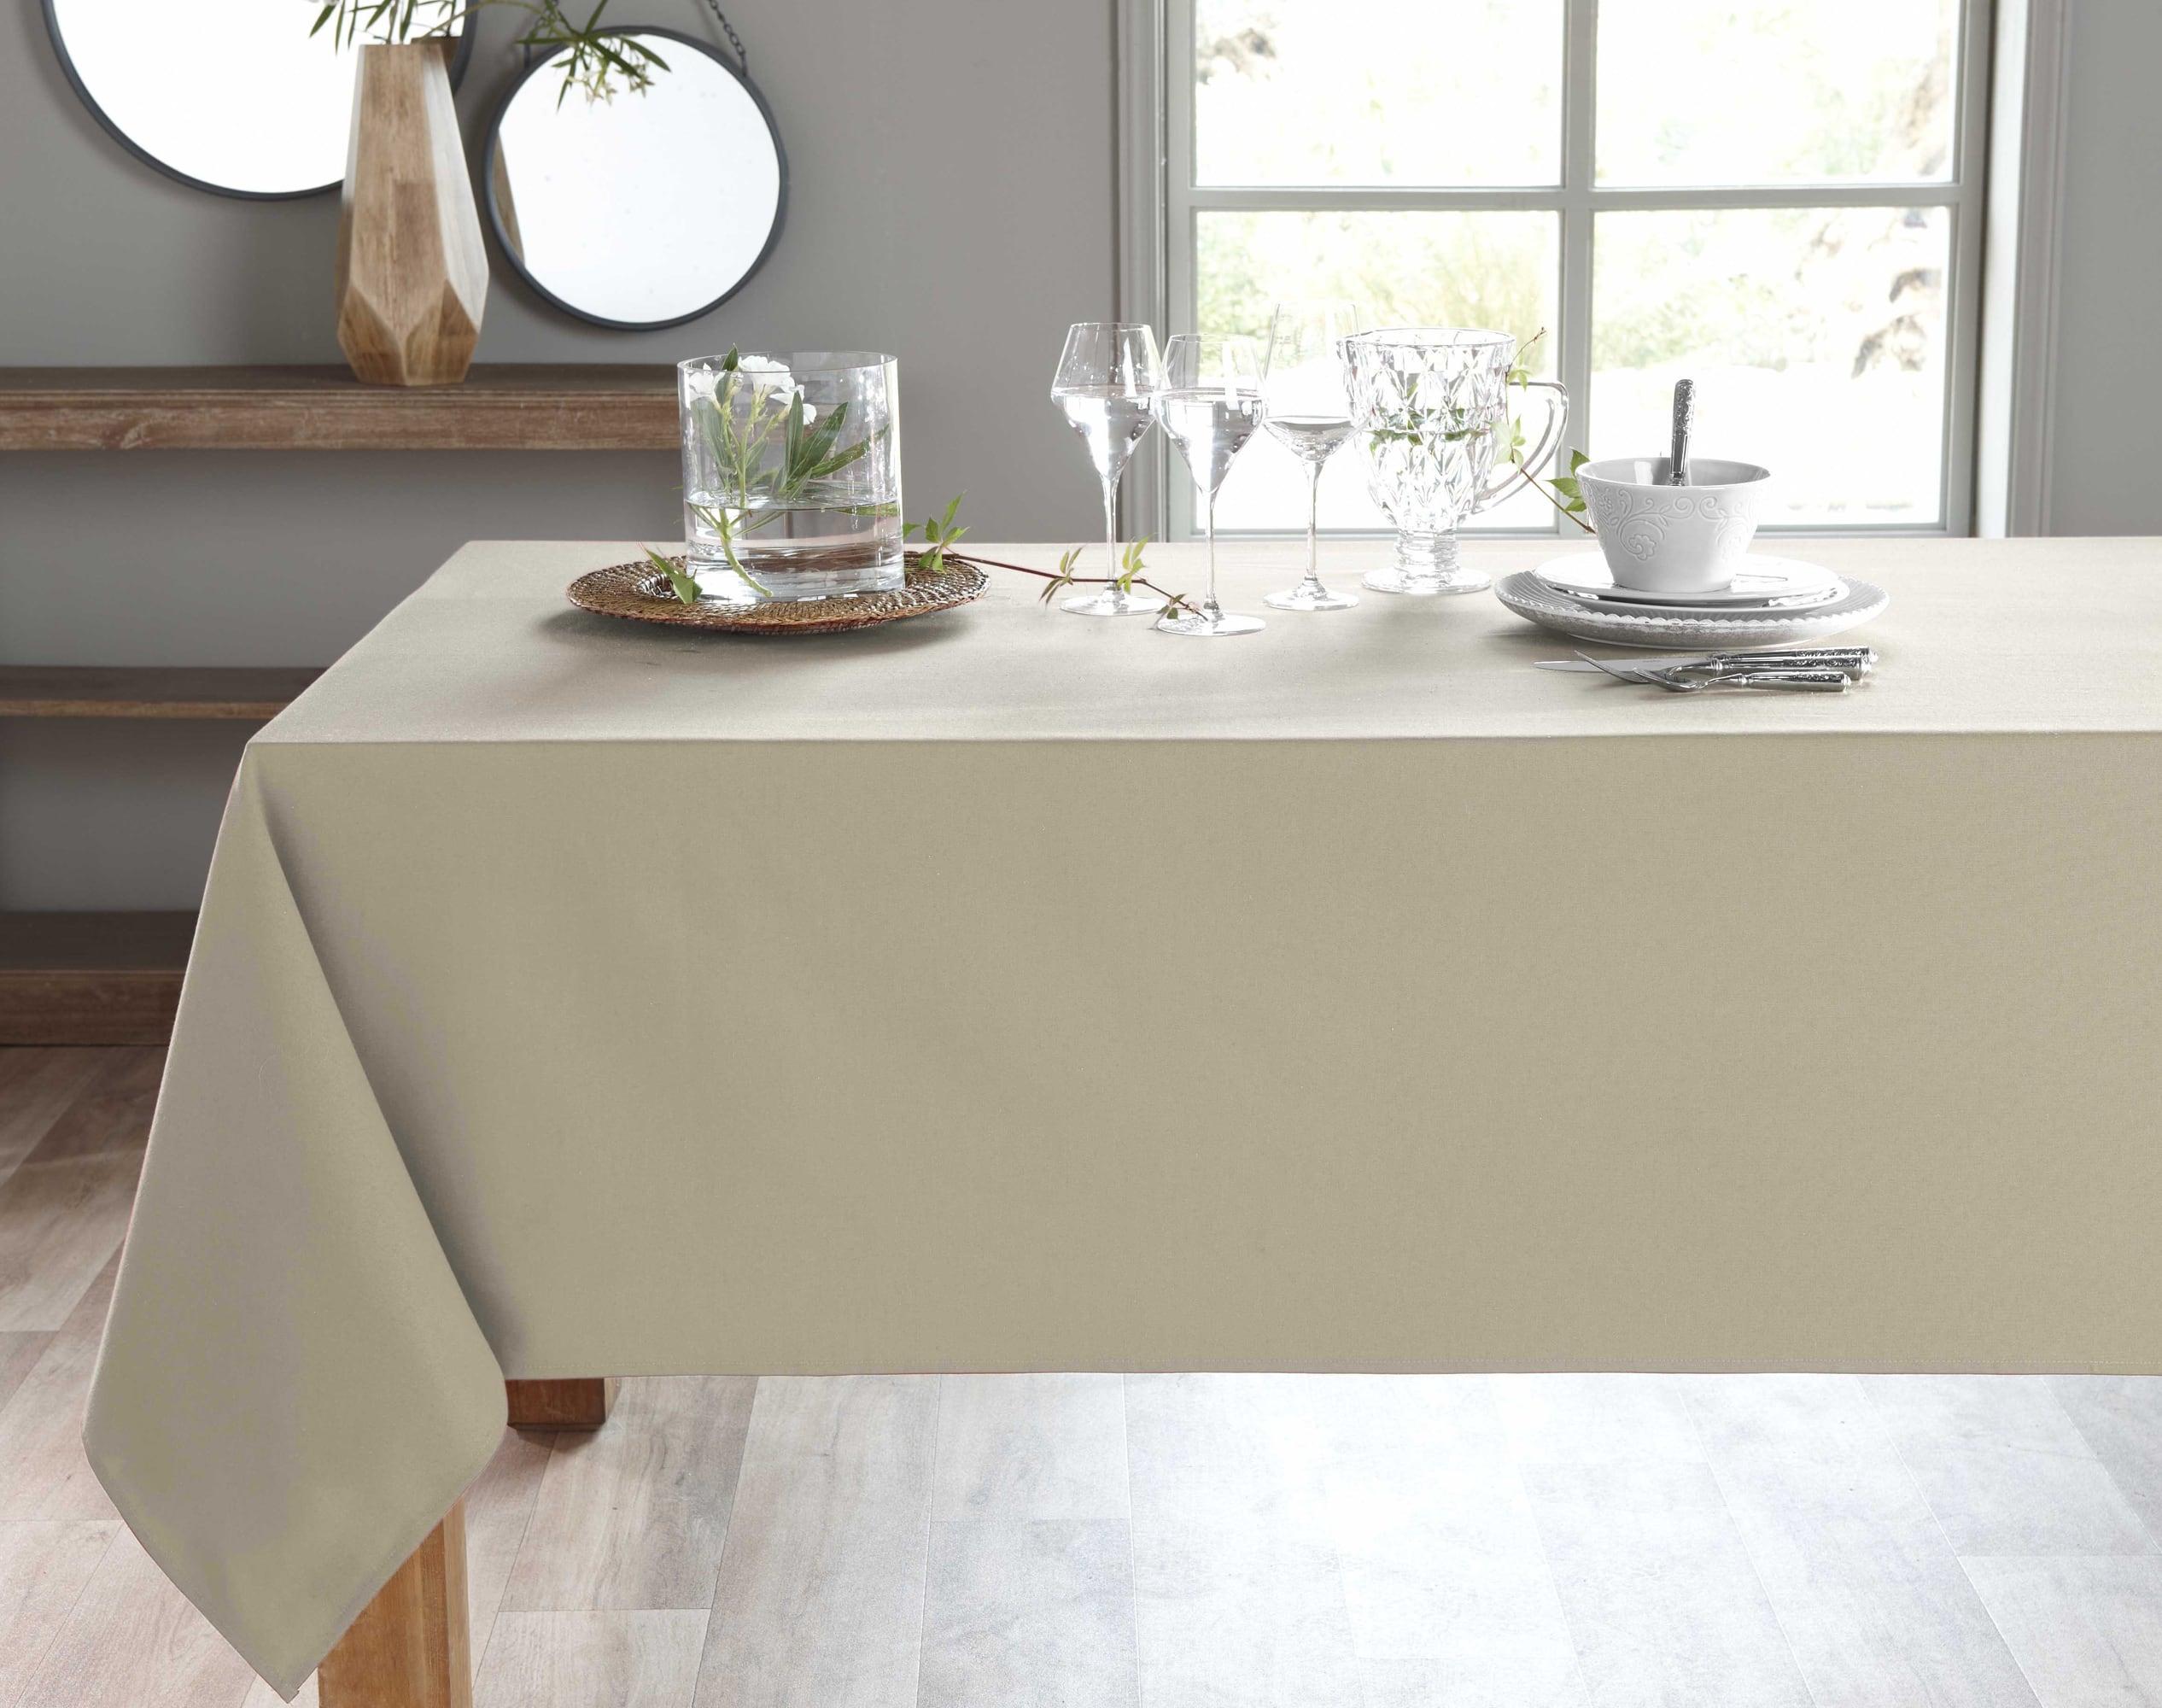 Nappe rectangulaire beige en coton 150x250